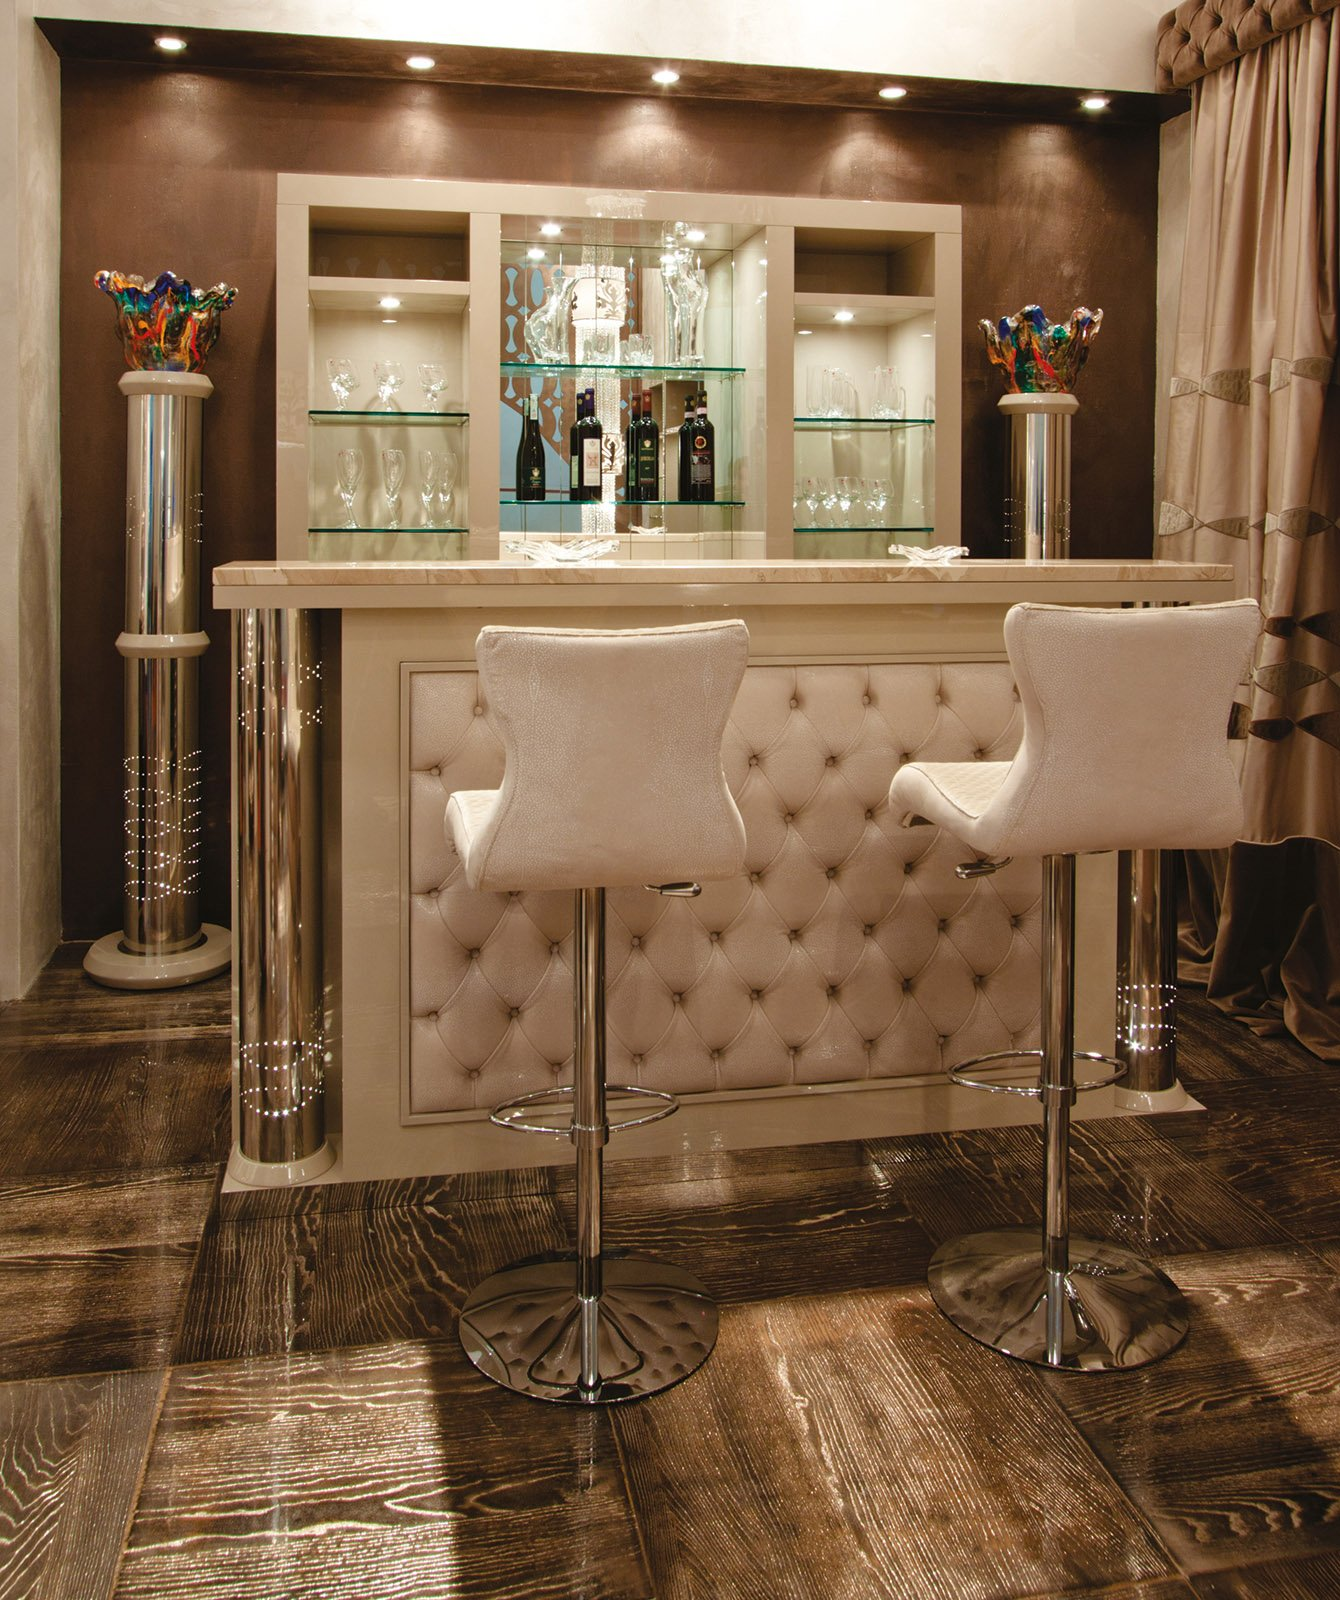 Mobile bar a casa per brindare e fare festa con amici e parenti cose di casa - Angolo bar per casa ...